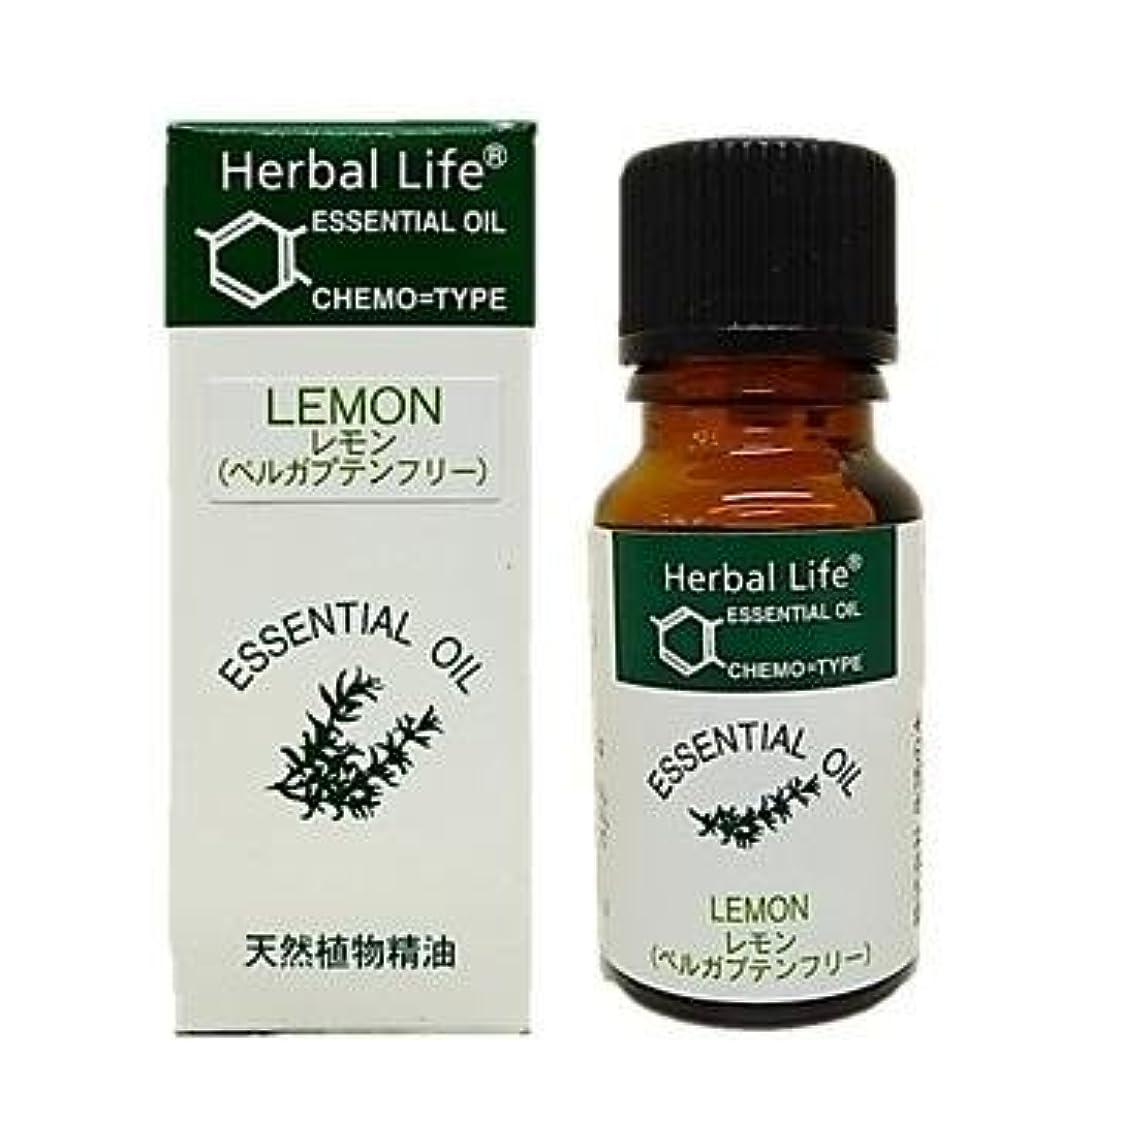 生活の木 レモン(フロクマリンフリー)10ml エッセンシャルオイル/精油